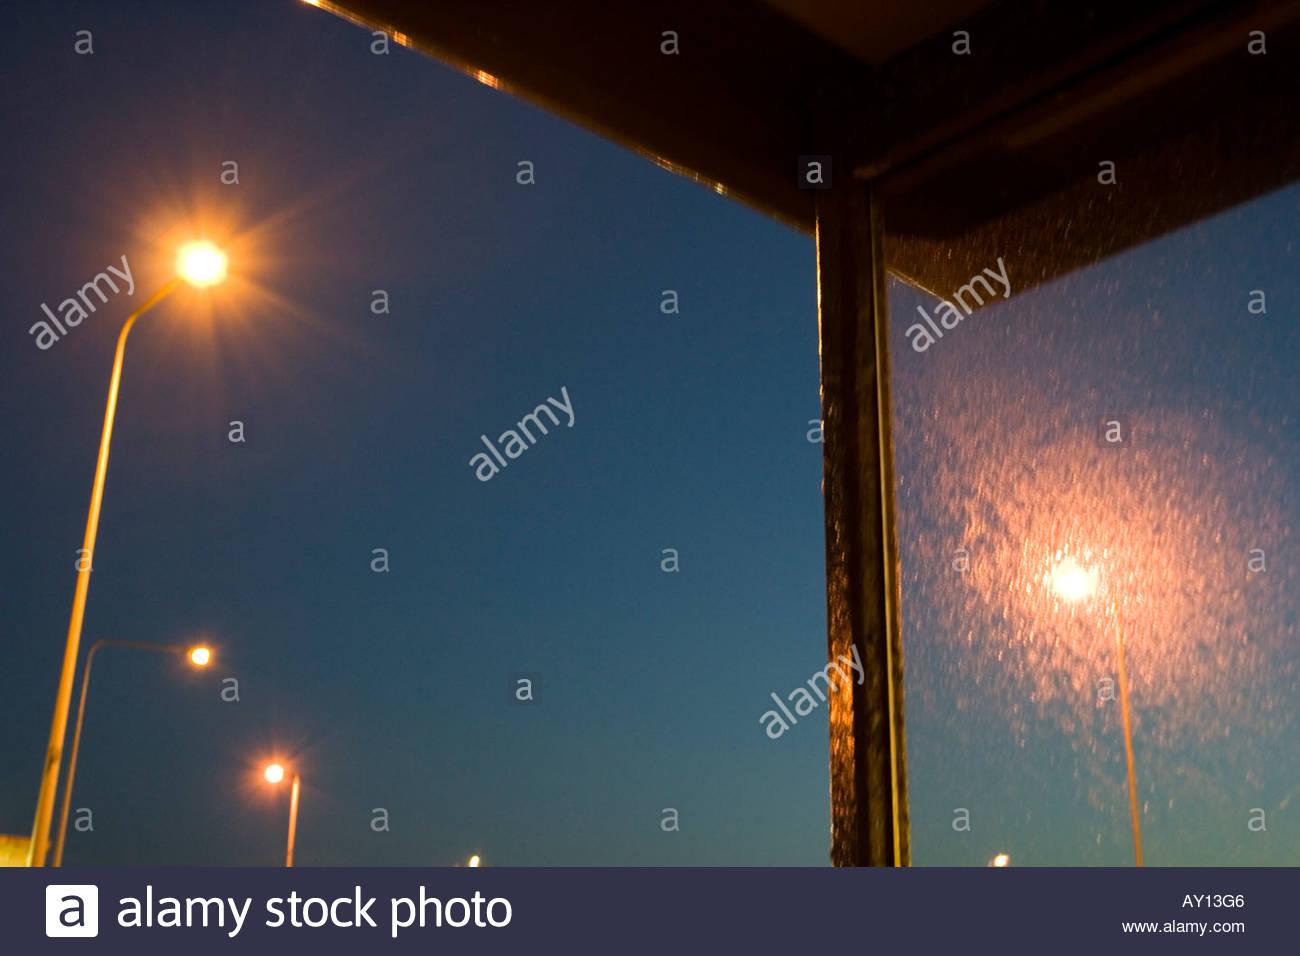 Portsmouth Sreet Lighting - Stock Image